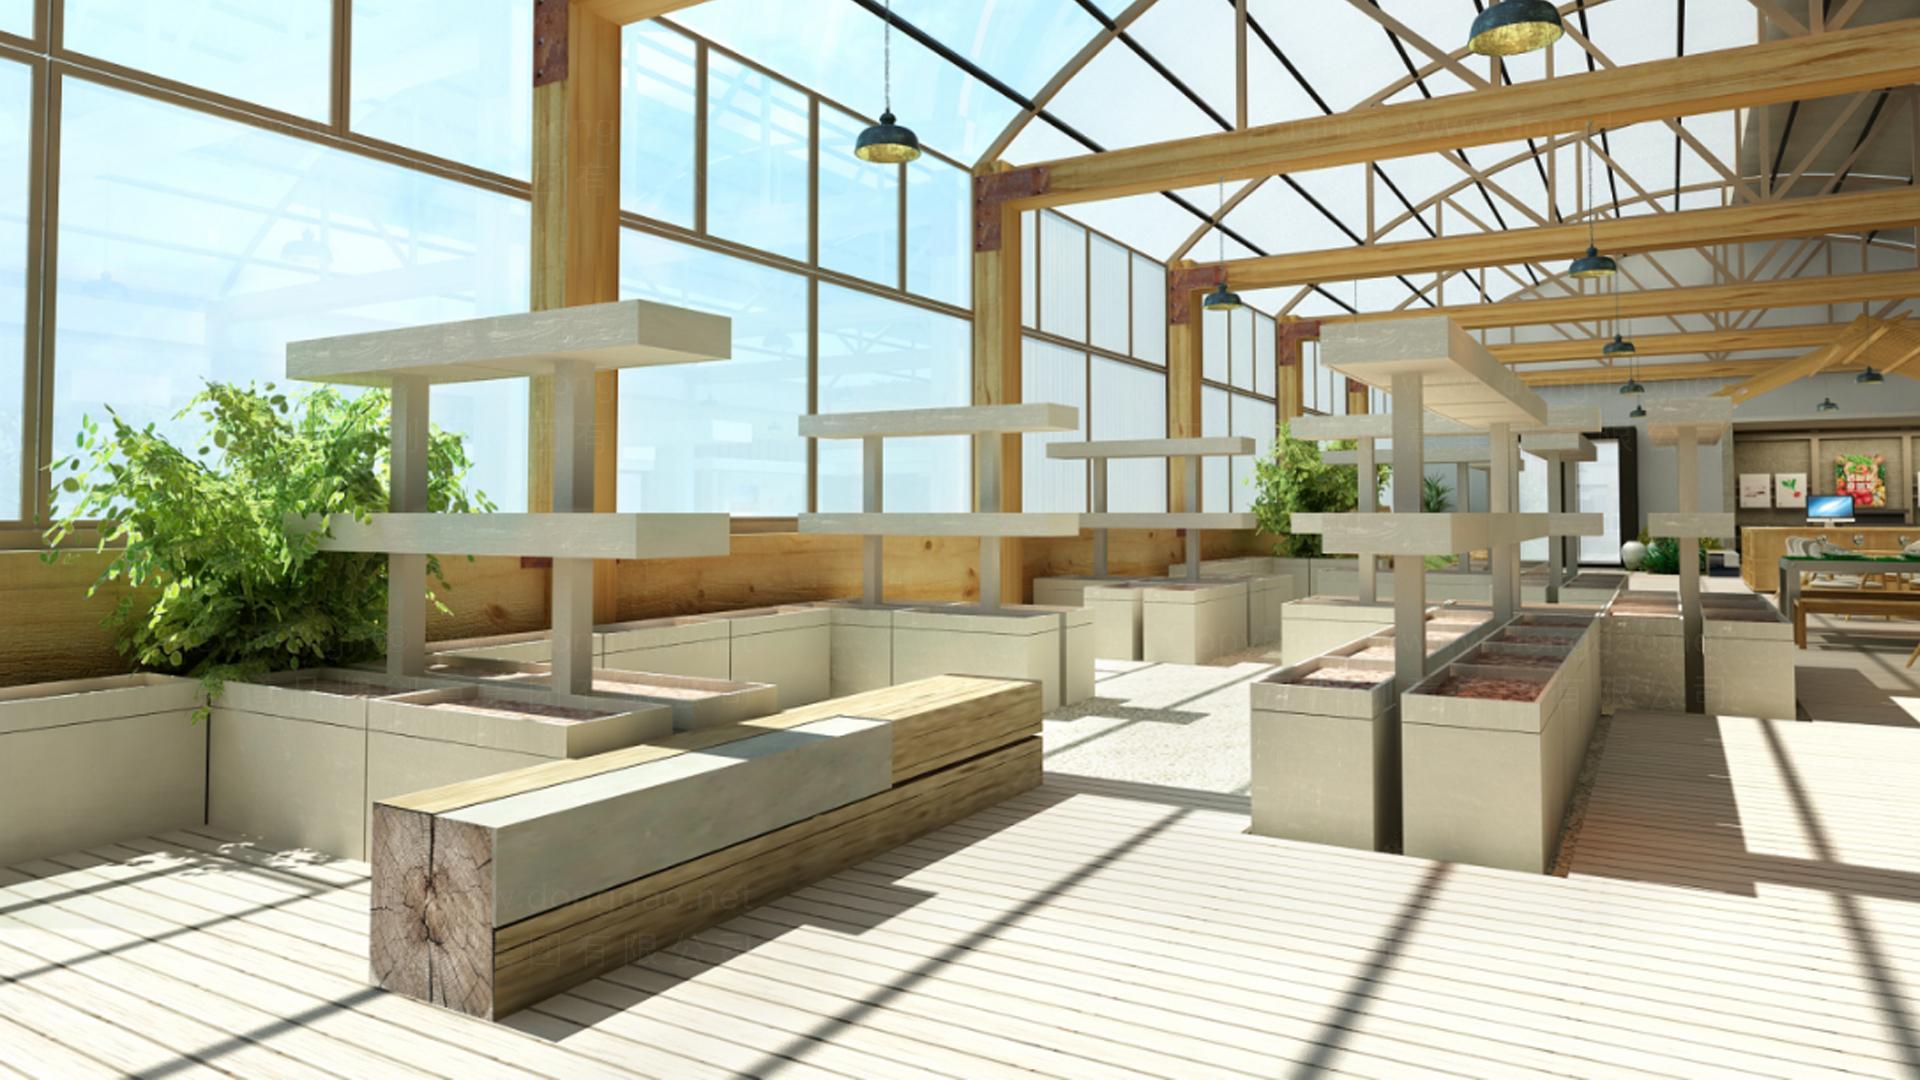 商业空间&导示奥一农场农场SI设计应用场景_5